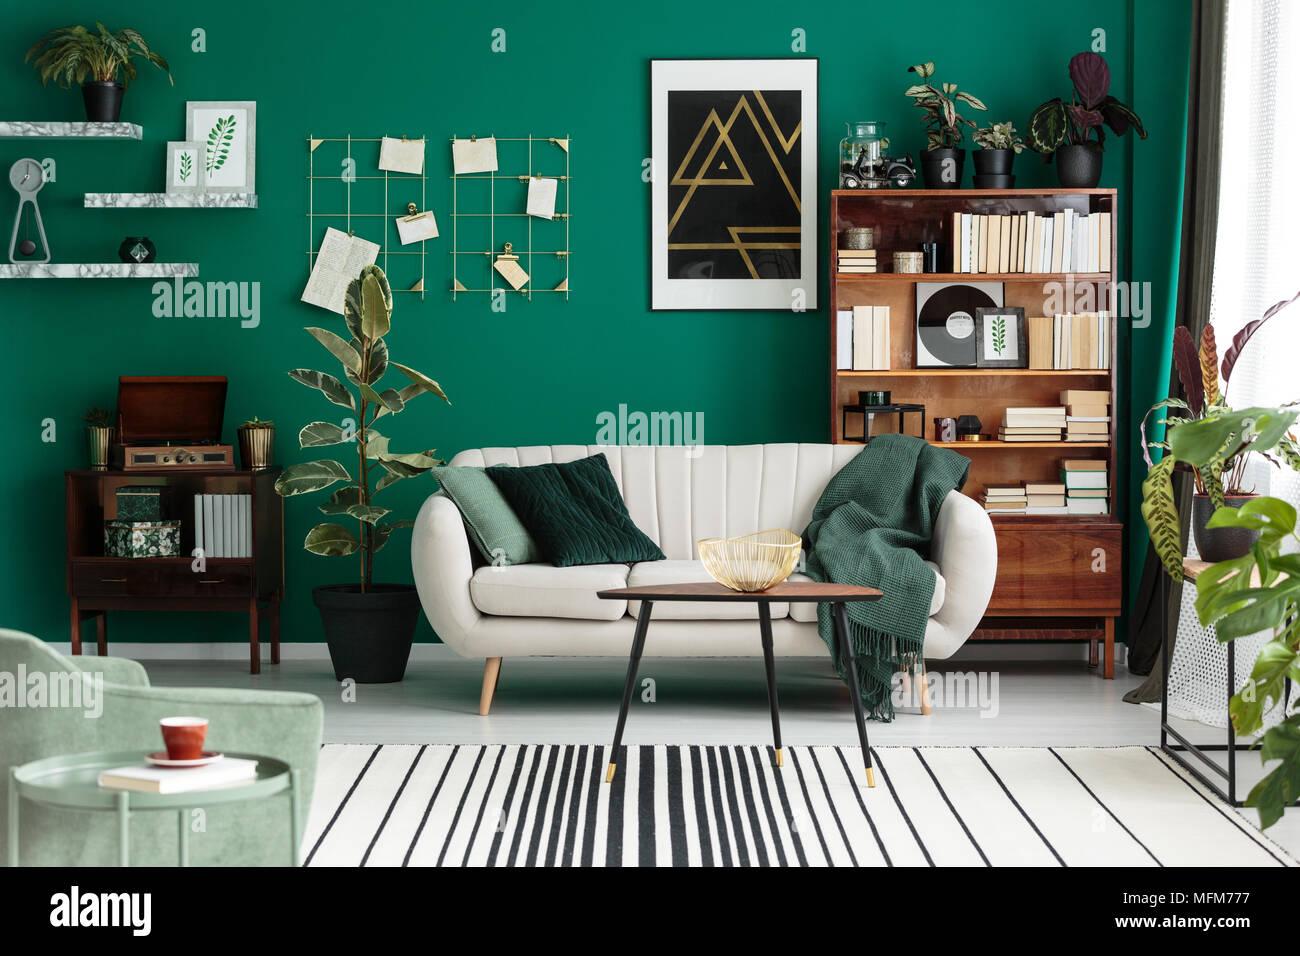 Salotto Moderno Verde : Il design moderno botanic salotto interno con accoglienti divani